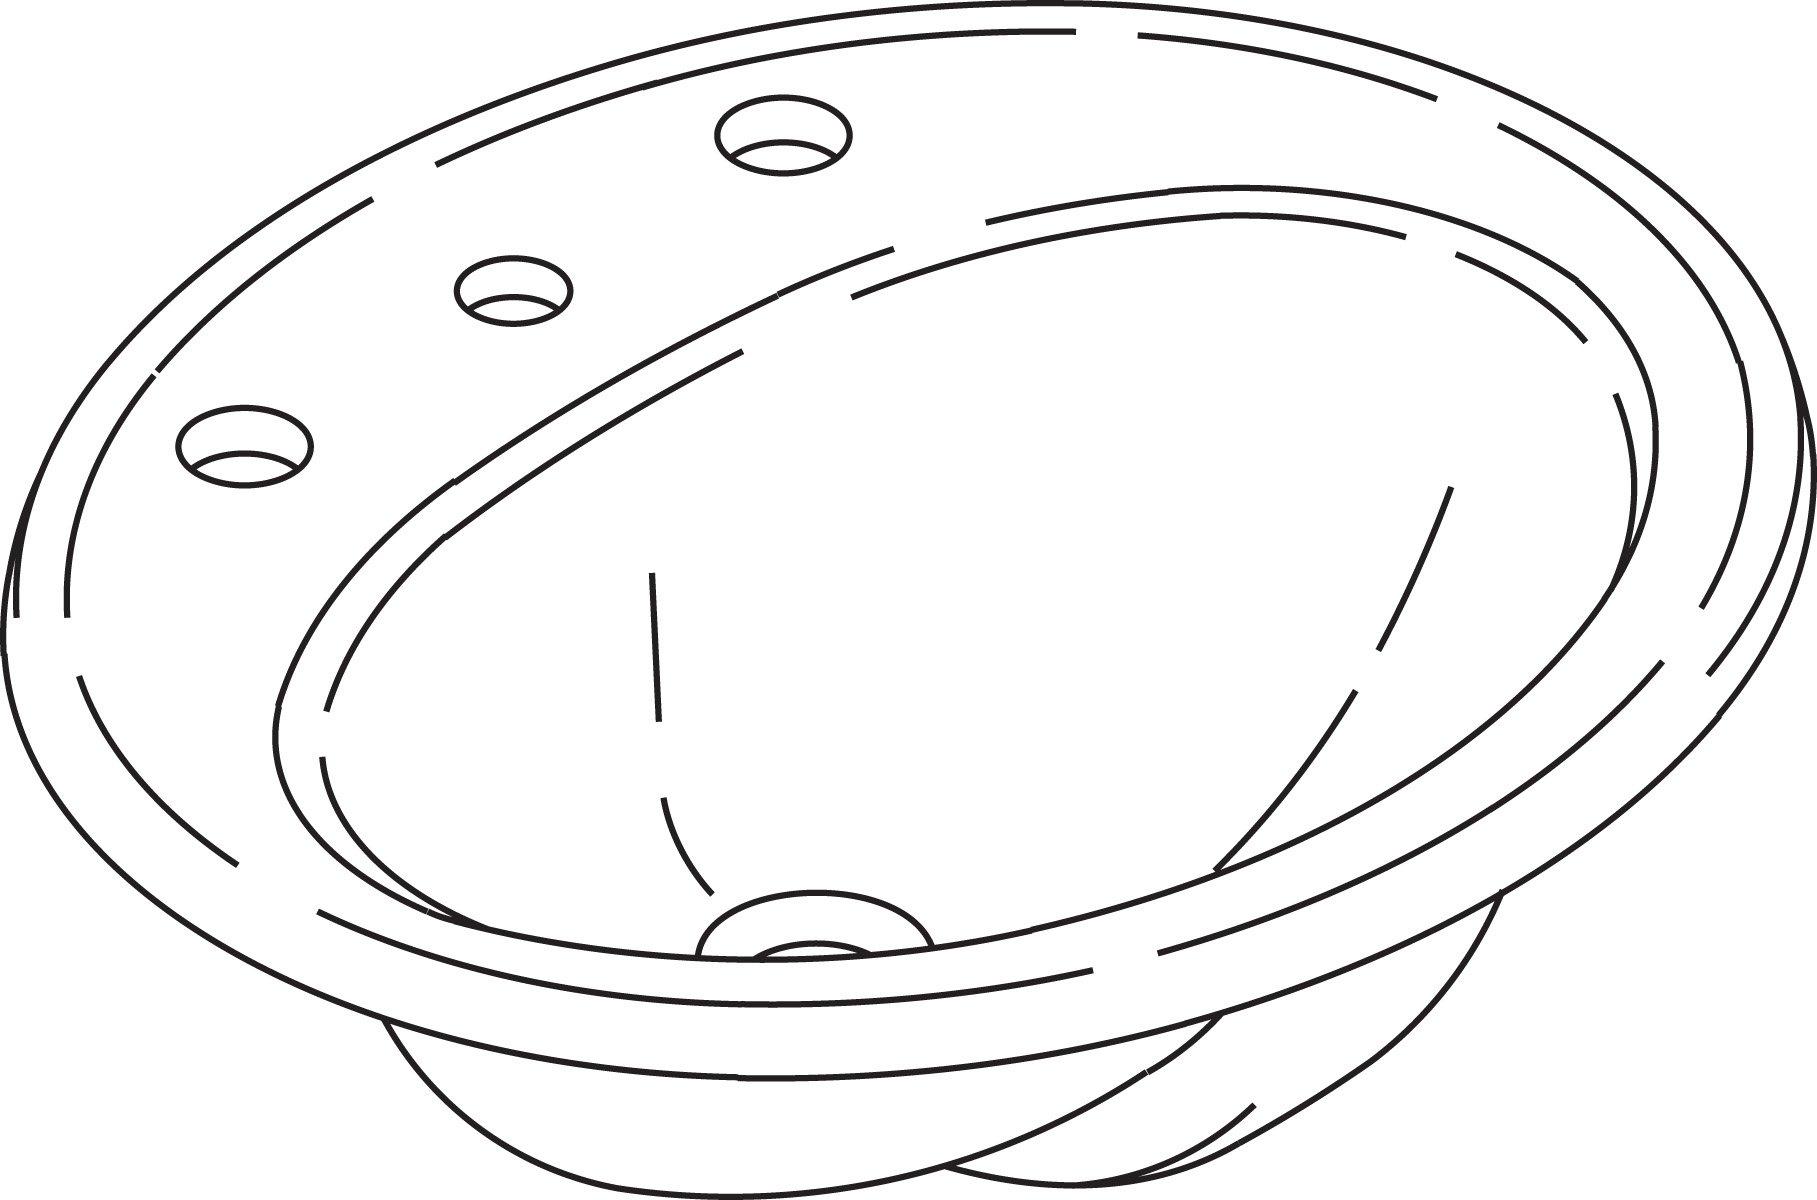 KOHLER K-2196-8-0 Pennington Self-Rimming Bathroom Sink, White by Kohler (Image #4)